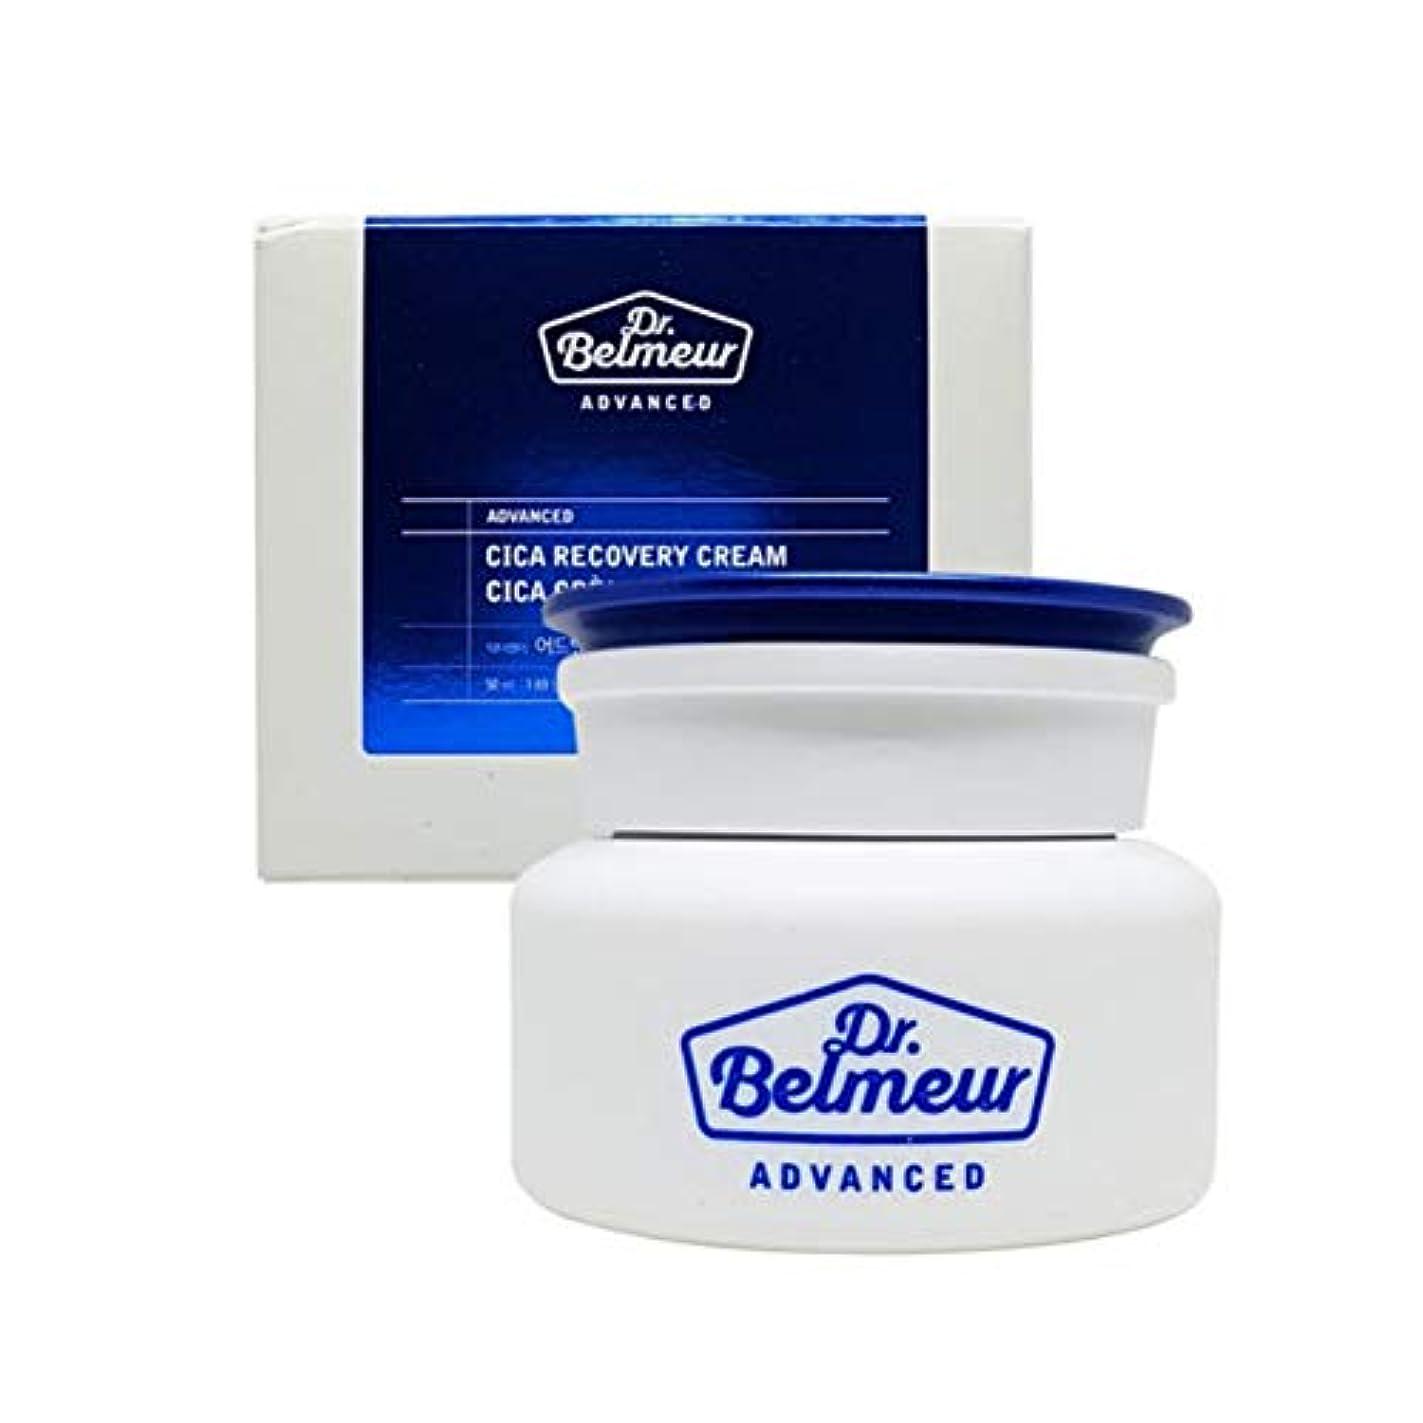 本を読む連結する政治家ザ?フェイスショップドクターベルモアドバンスドシカリカバリークリーム50ml 韓国コスメ、The Face Shop Dr.Belmeur Advanced Cica Recovery Cream 50ml Korean...